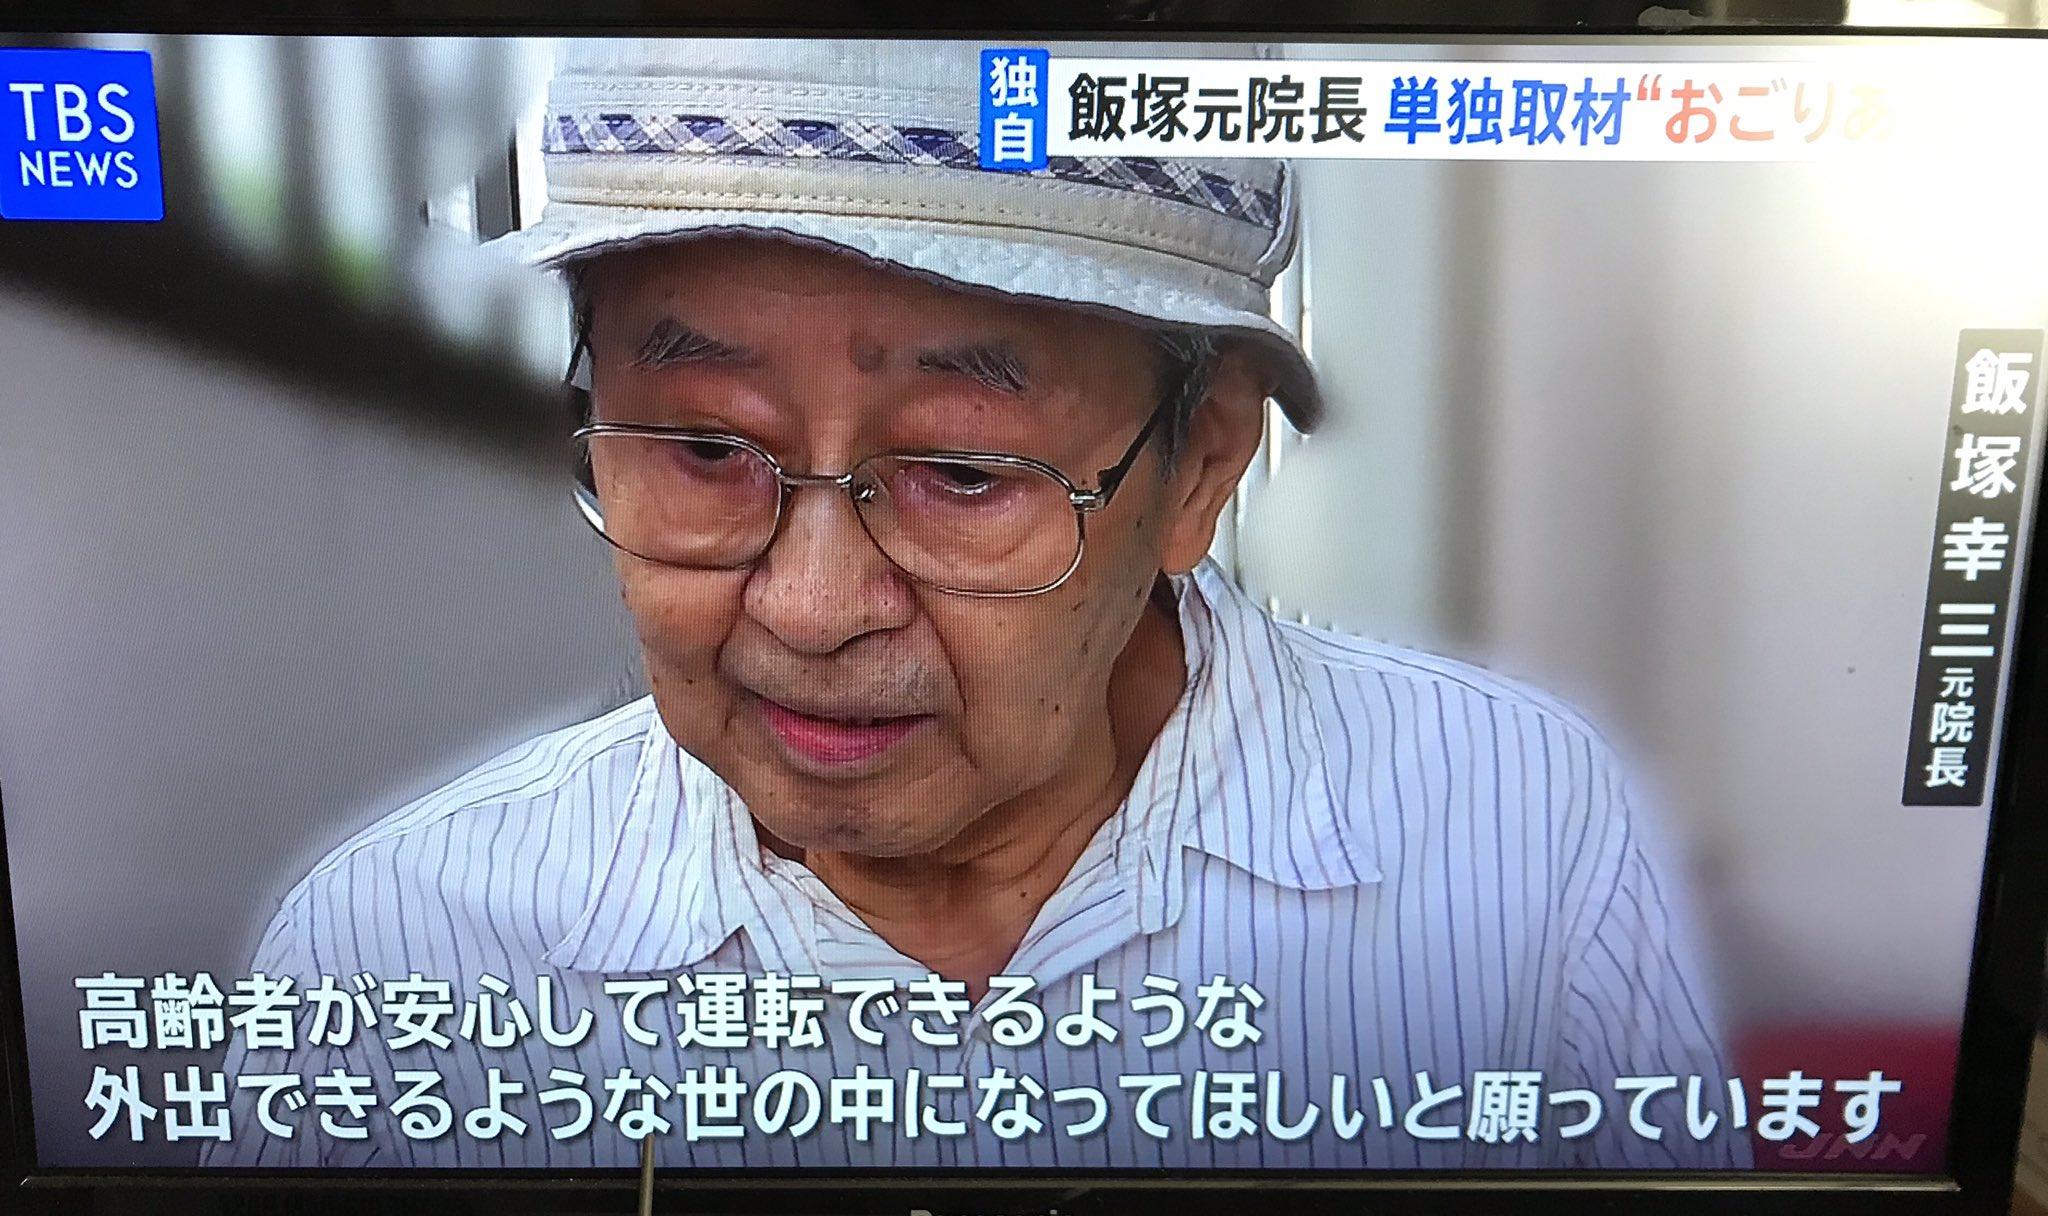 【動画】飯塚幸三「私たち高齢者が安心して外出できるようにトヨタには安全な車を開発してほしい」